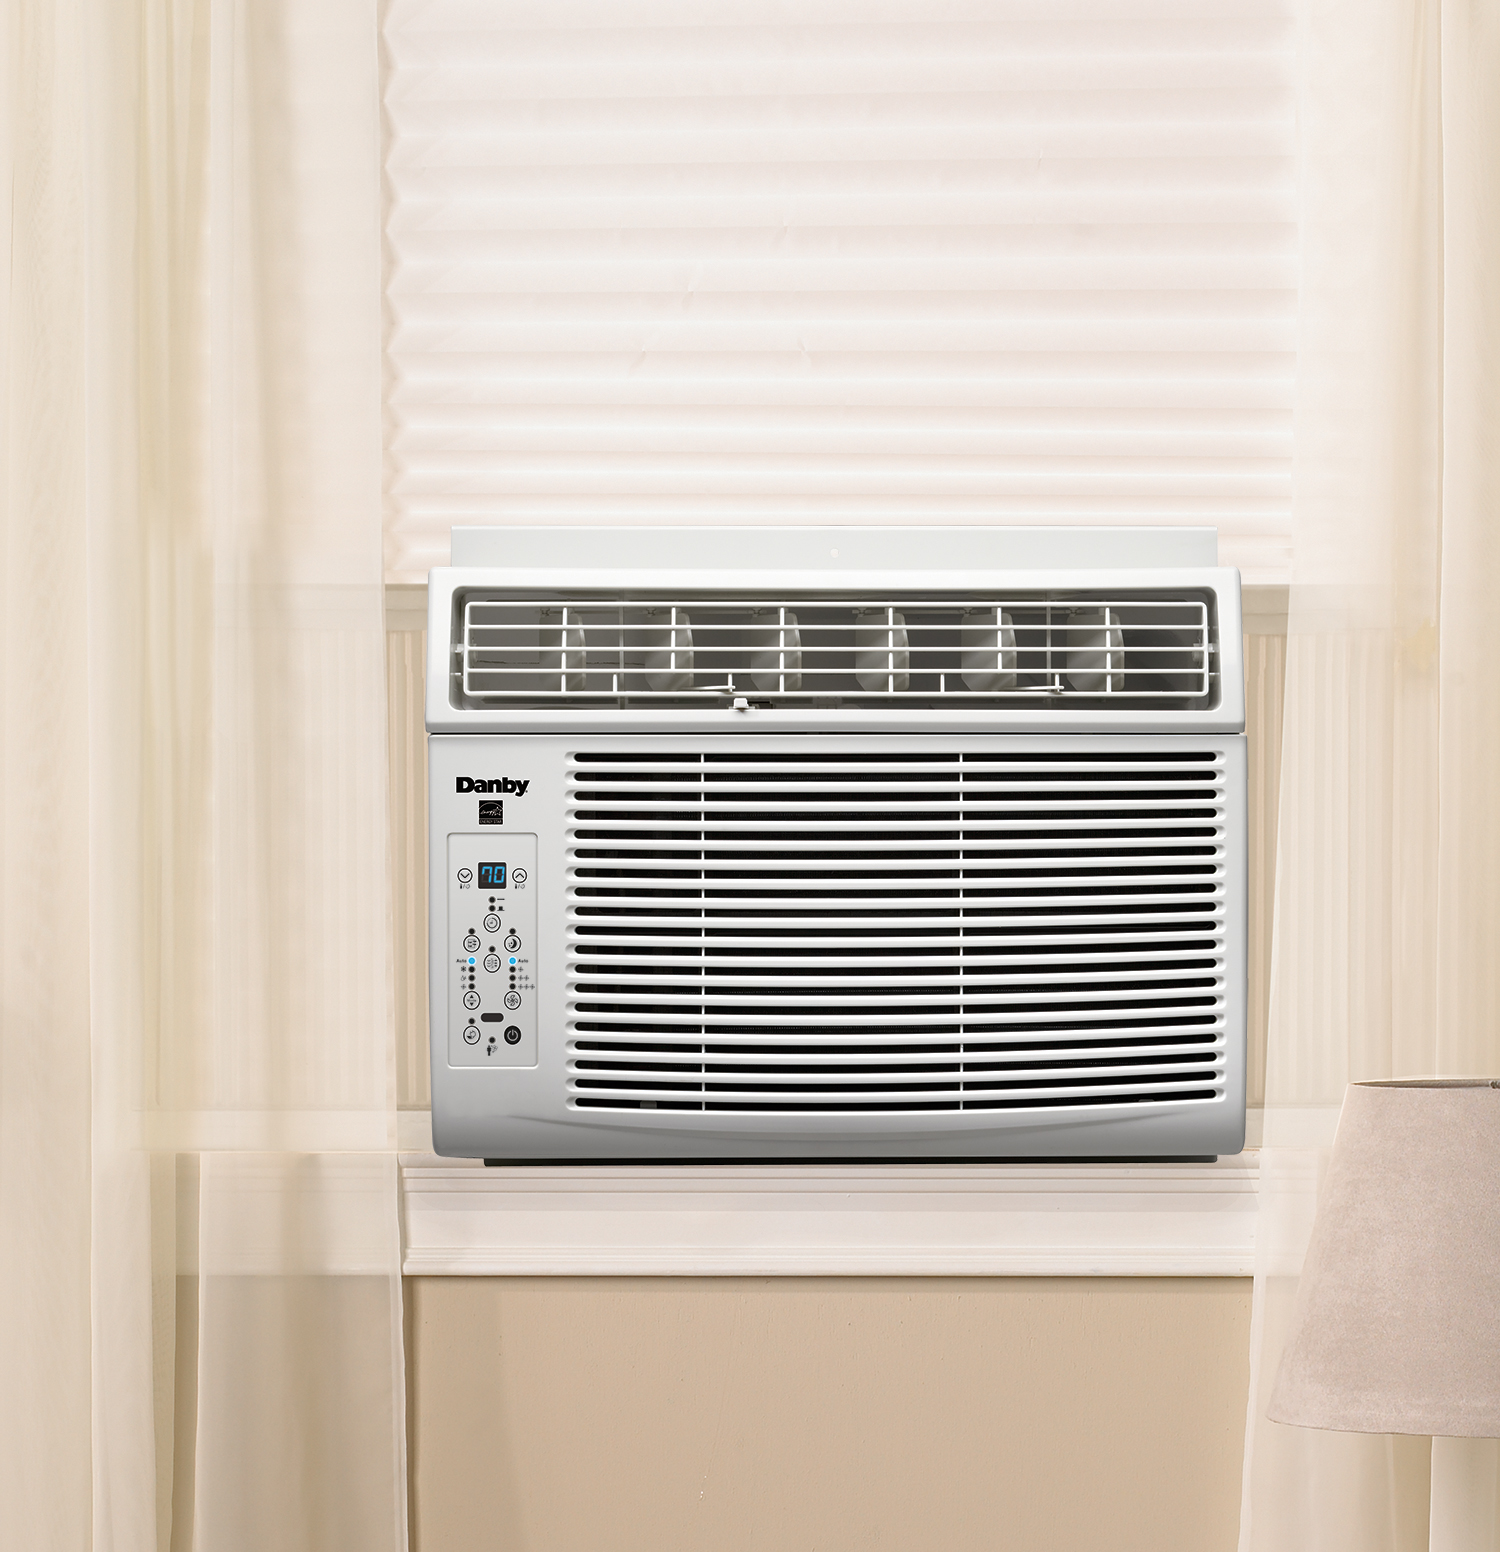 Danby DAC100BGUWDB 10,000 BTU Window Air Conditioner